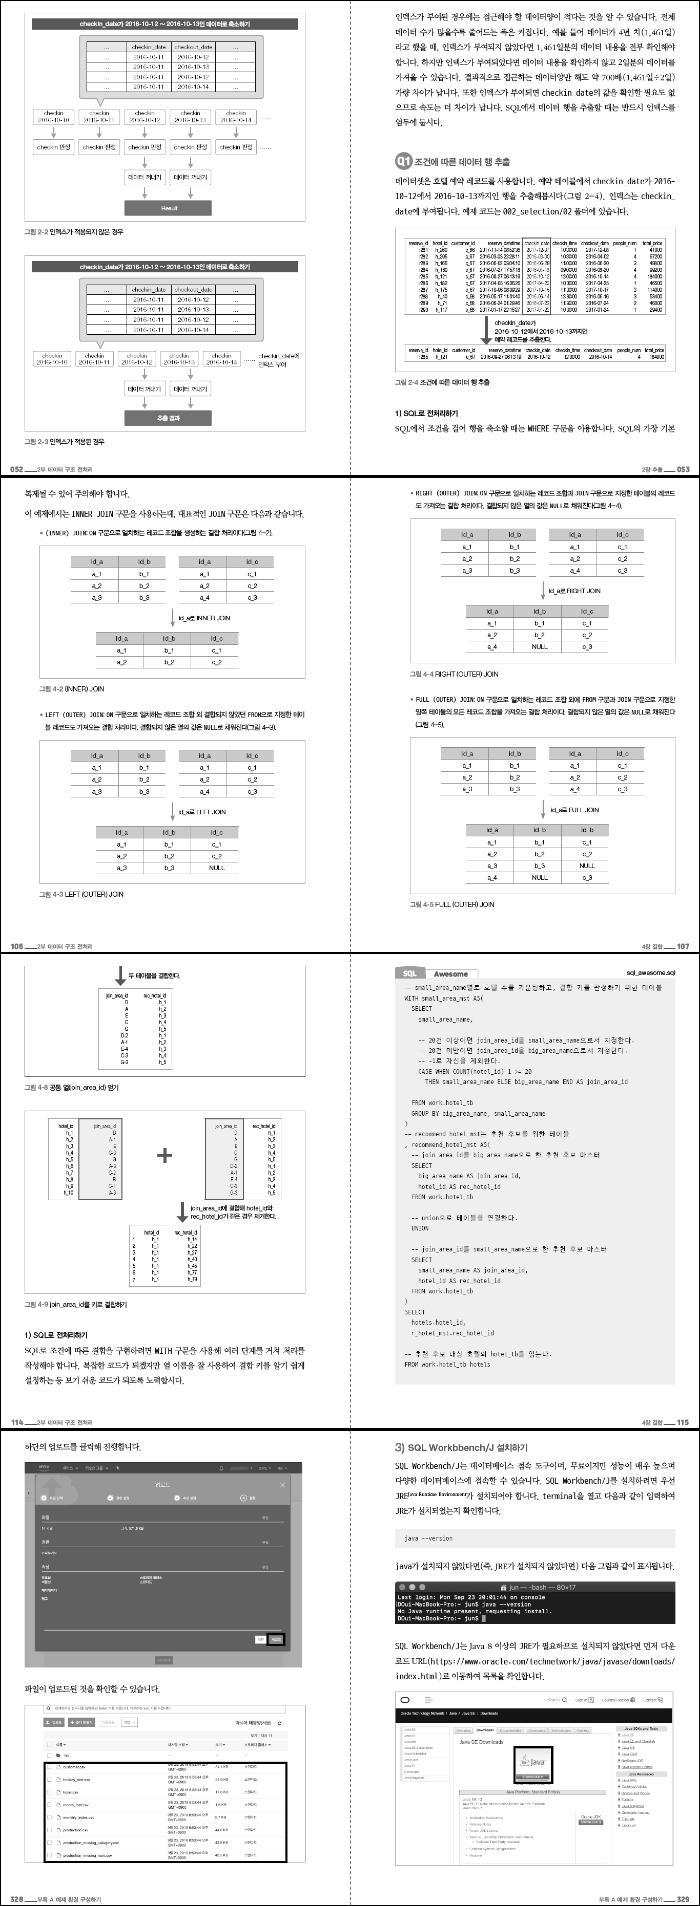 [상세이미지]데이터 전처리 대전_700.jpg